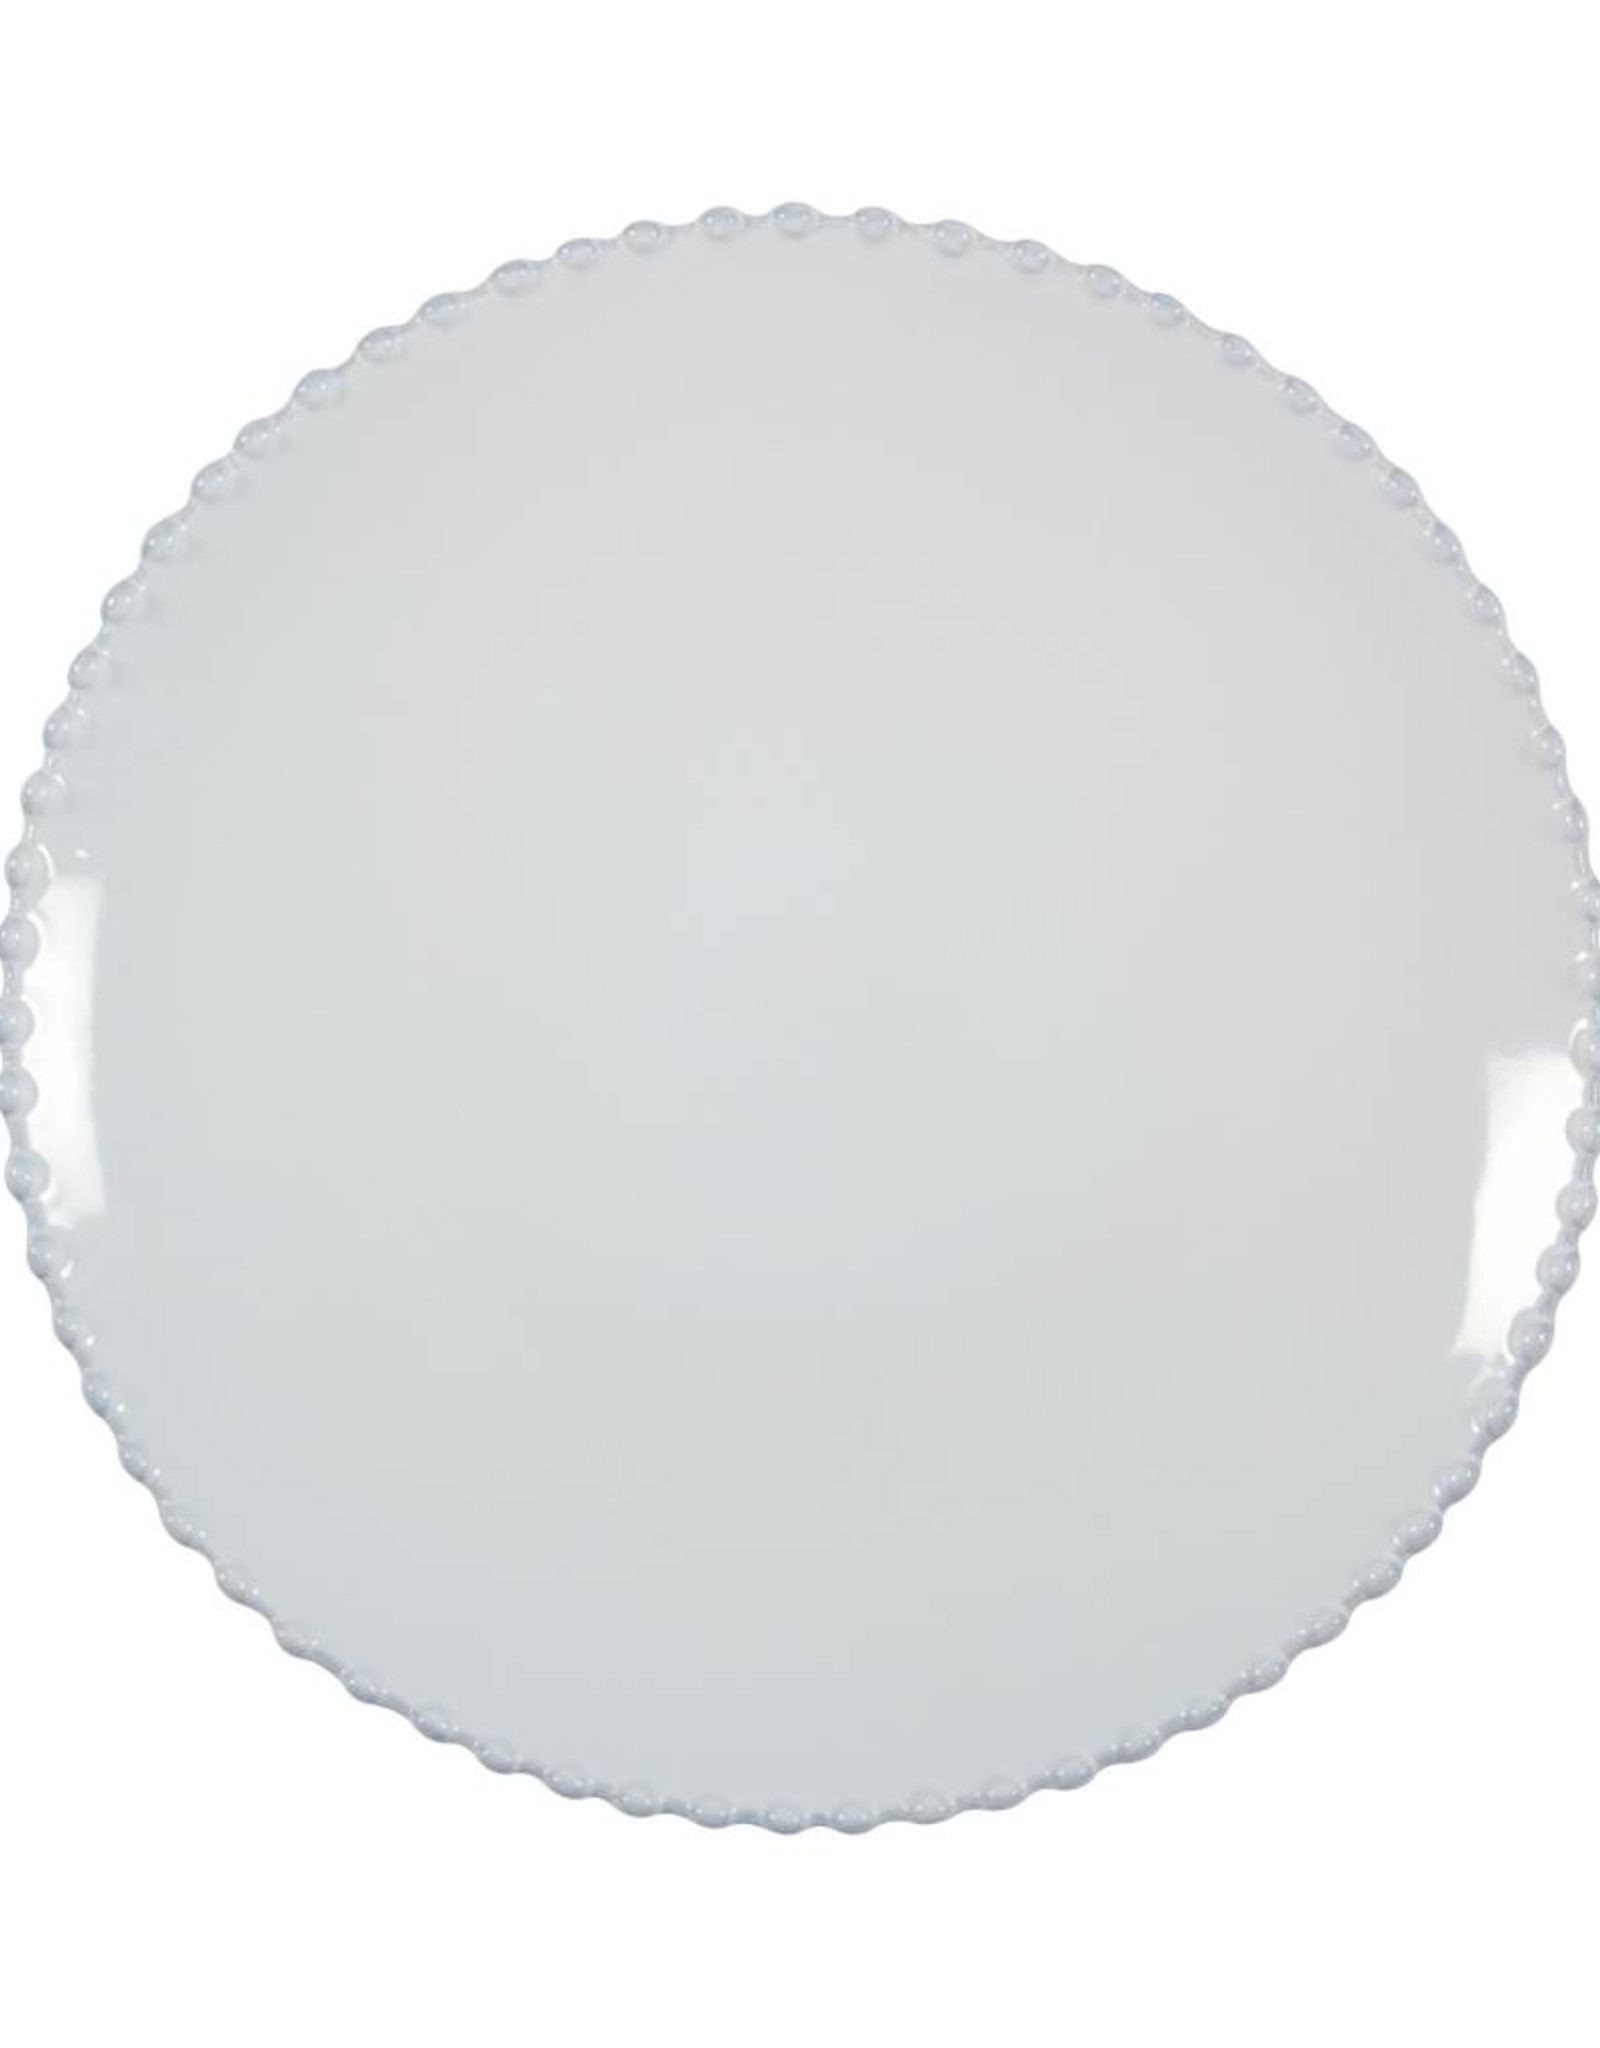 Pearl Salad Plate